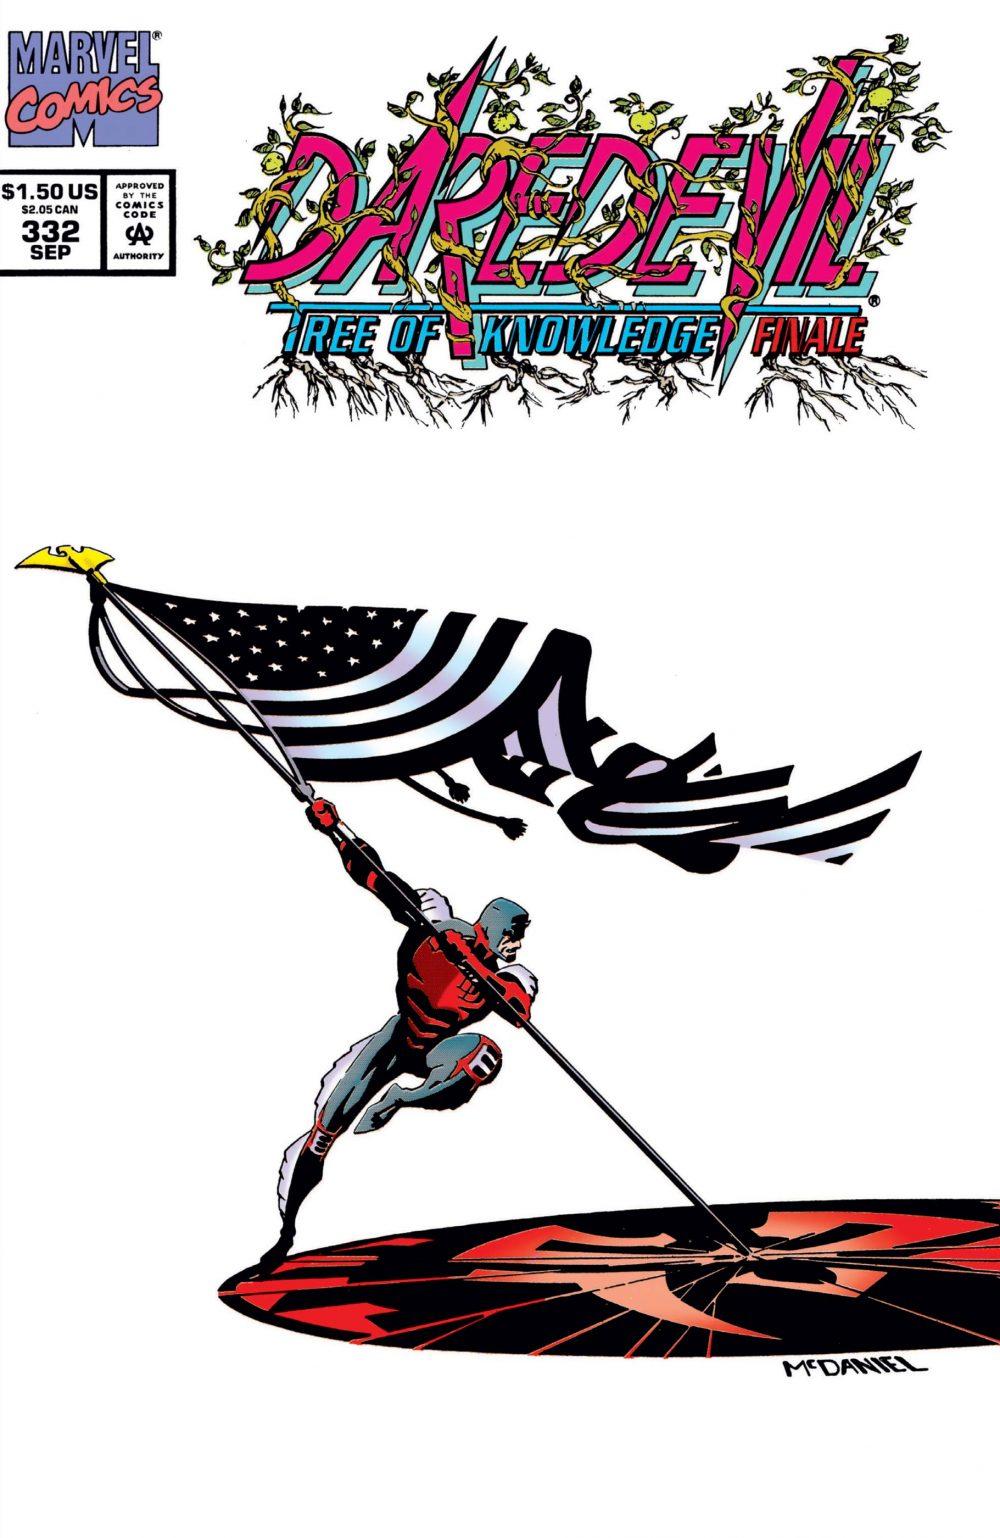 Daredevil #332, copertina